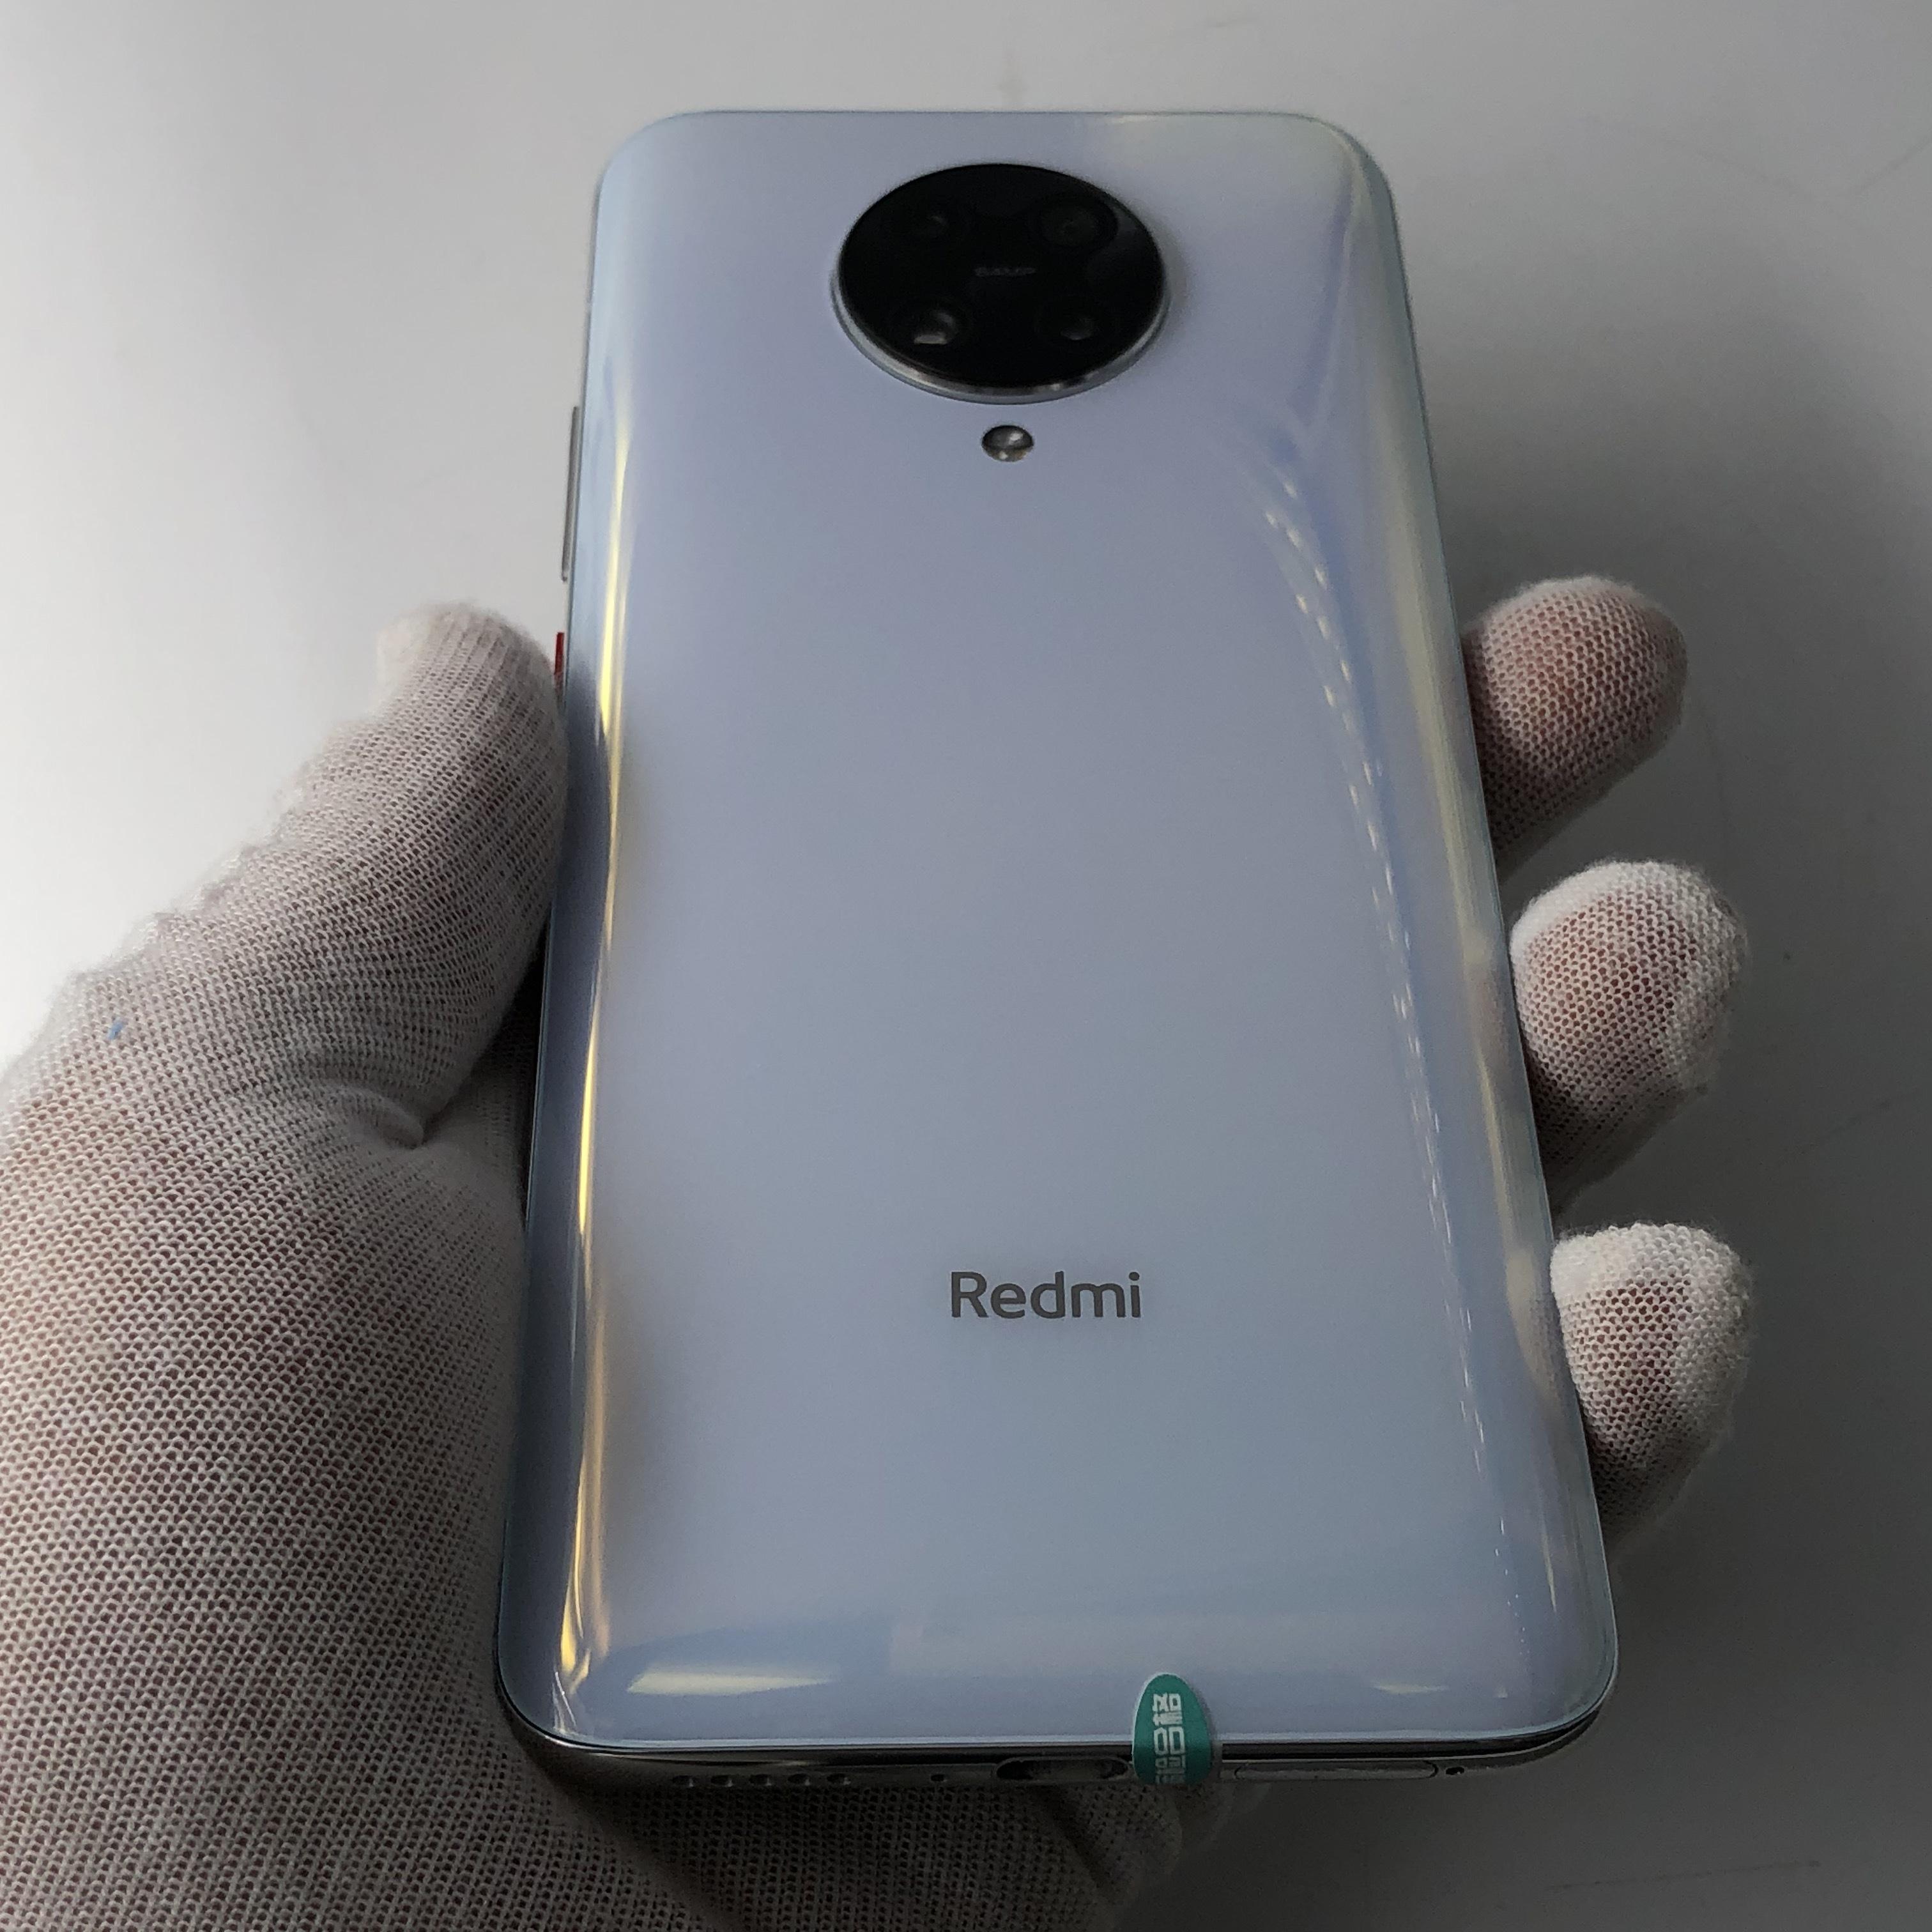 小米【Redmi K30 Pro 变焦 5G】5G全网通 月幕白 8G/256G 国行 95新